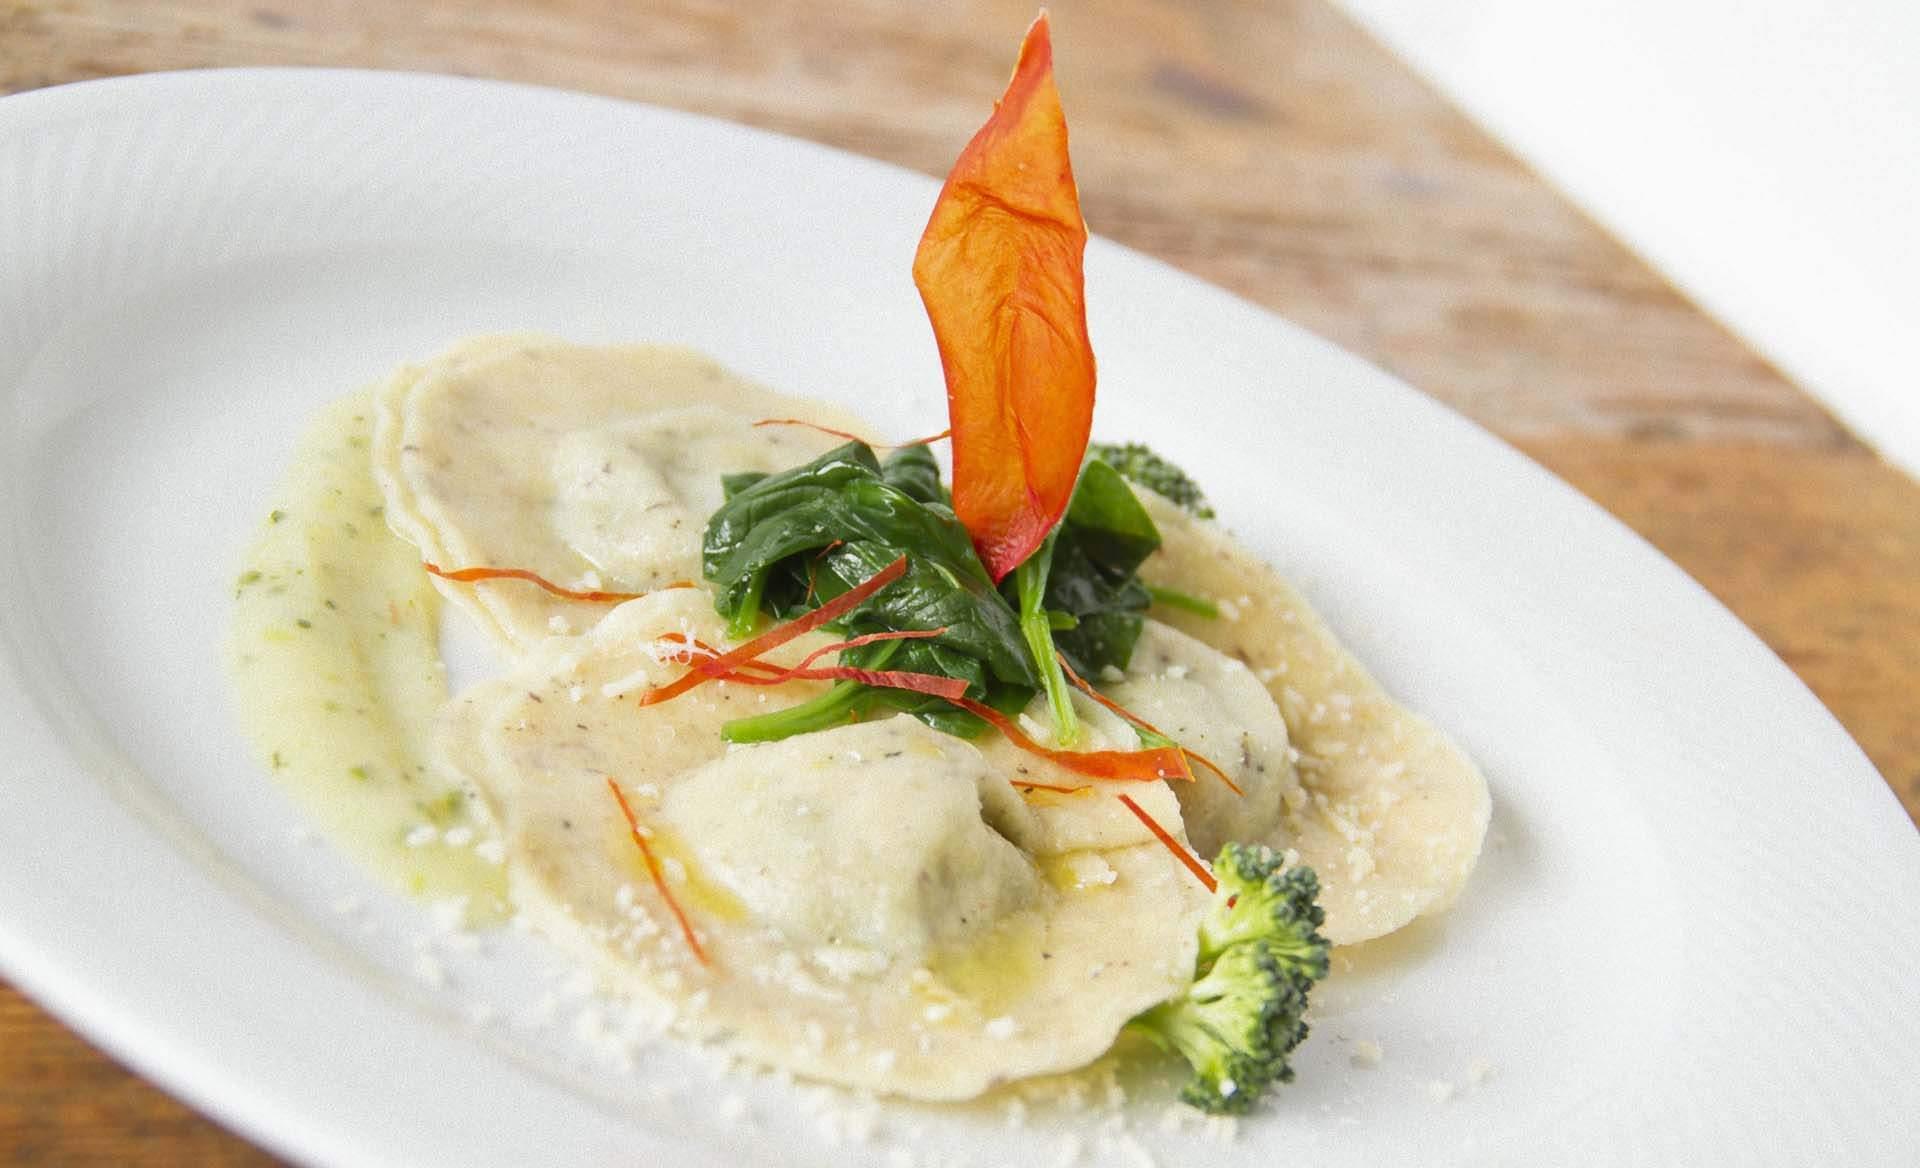 sapori ristorante Hotel Genzianella Predazzo Ziano di Fiemme Val di Fiemme Trentino e